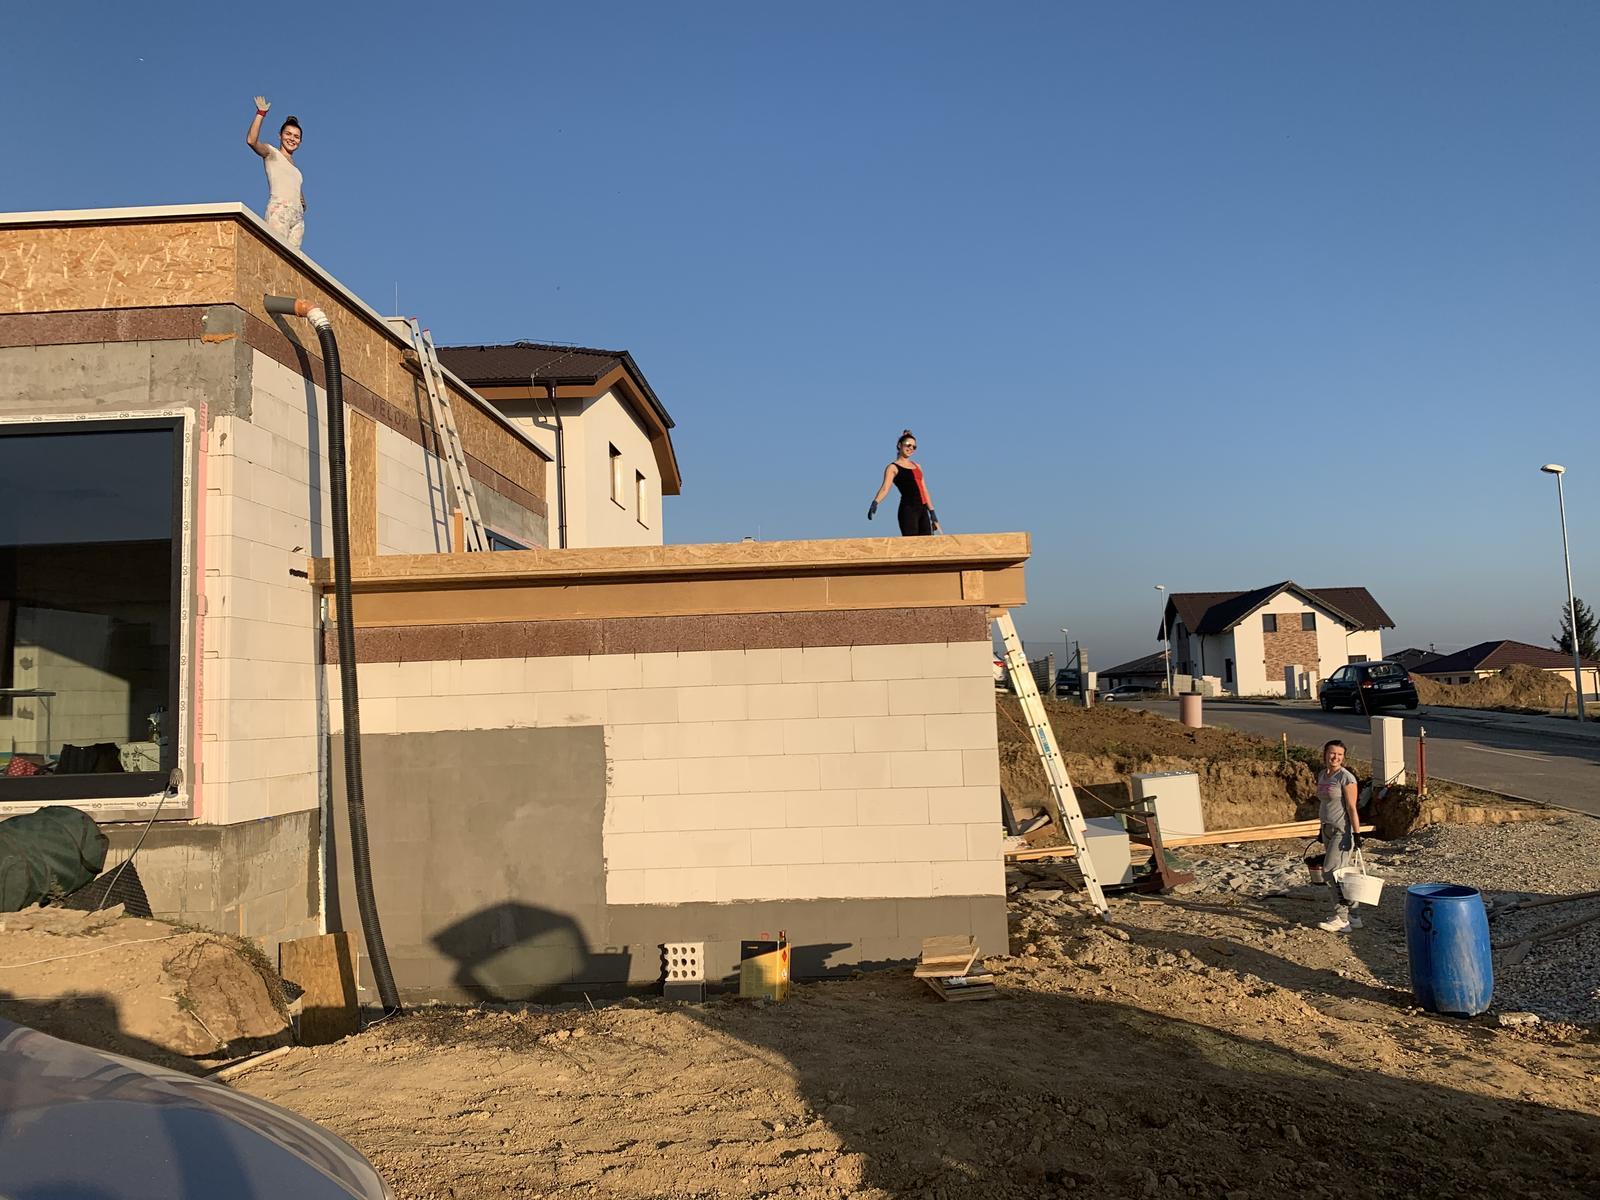 Srnka v Hájiku - 27.10.2019 - dnes sme robili atiku na dolnej streche a dievcata medzi tym kyblovali strk na strechu 🤣